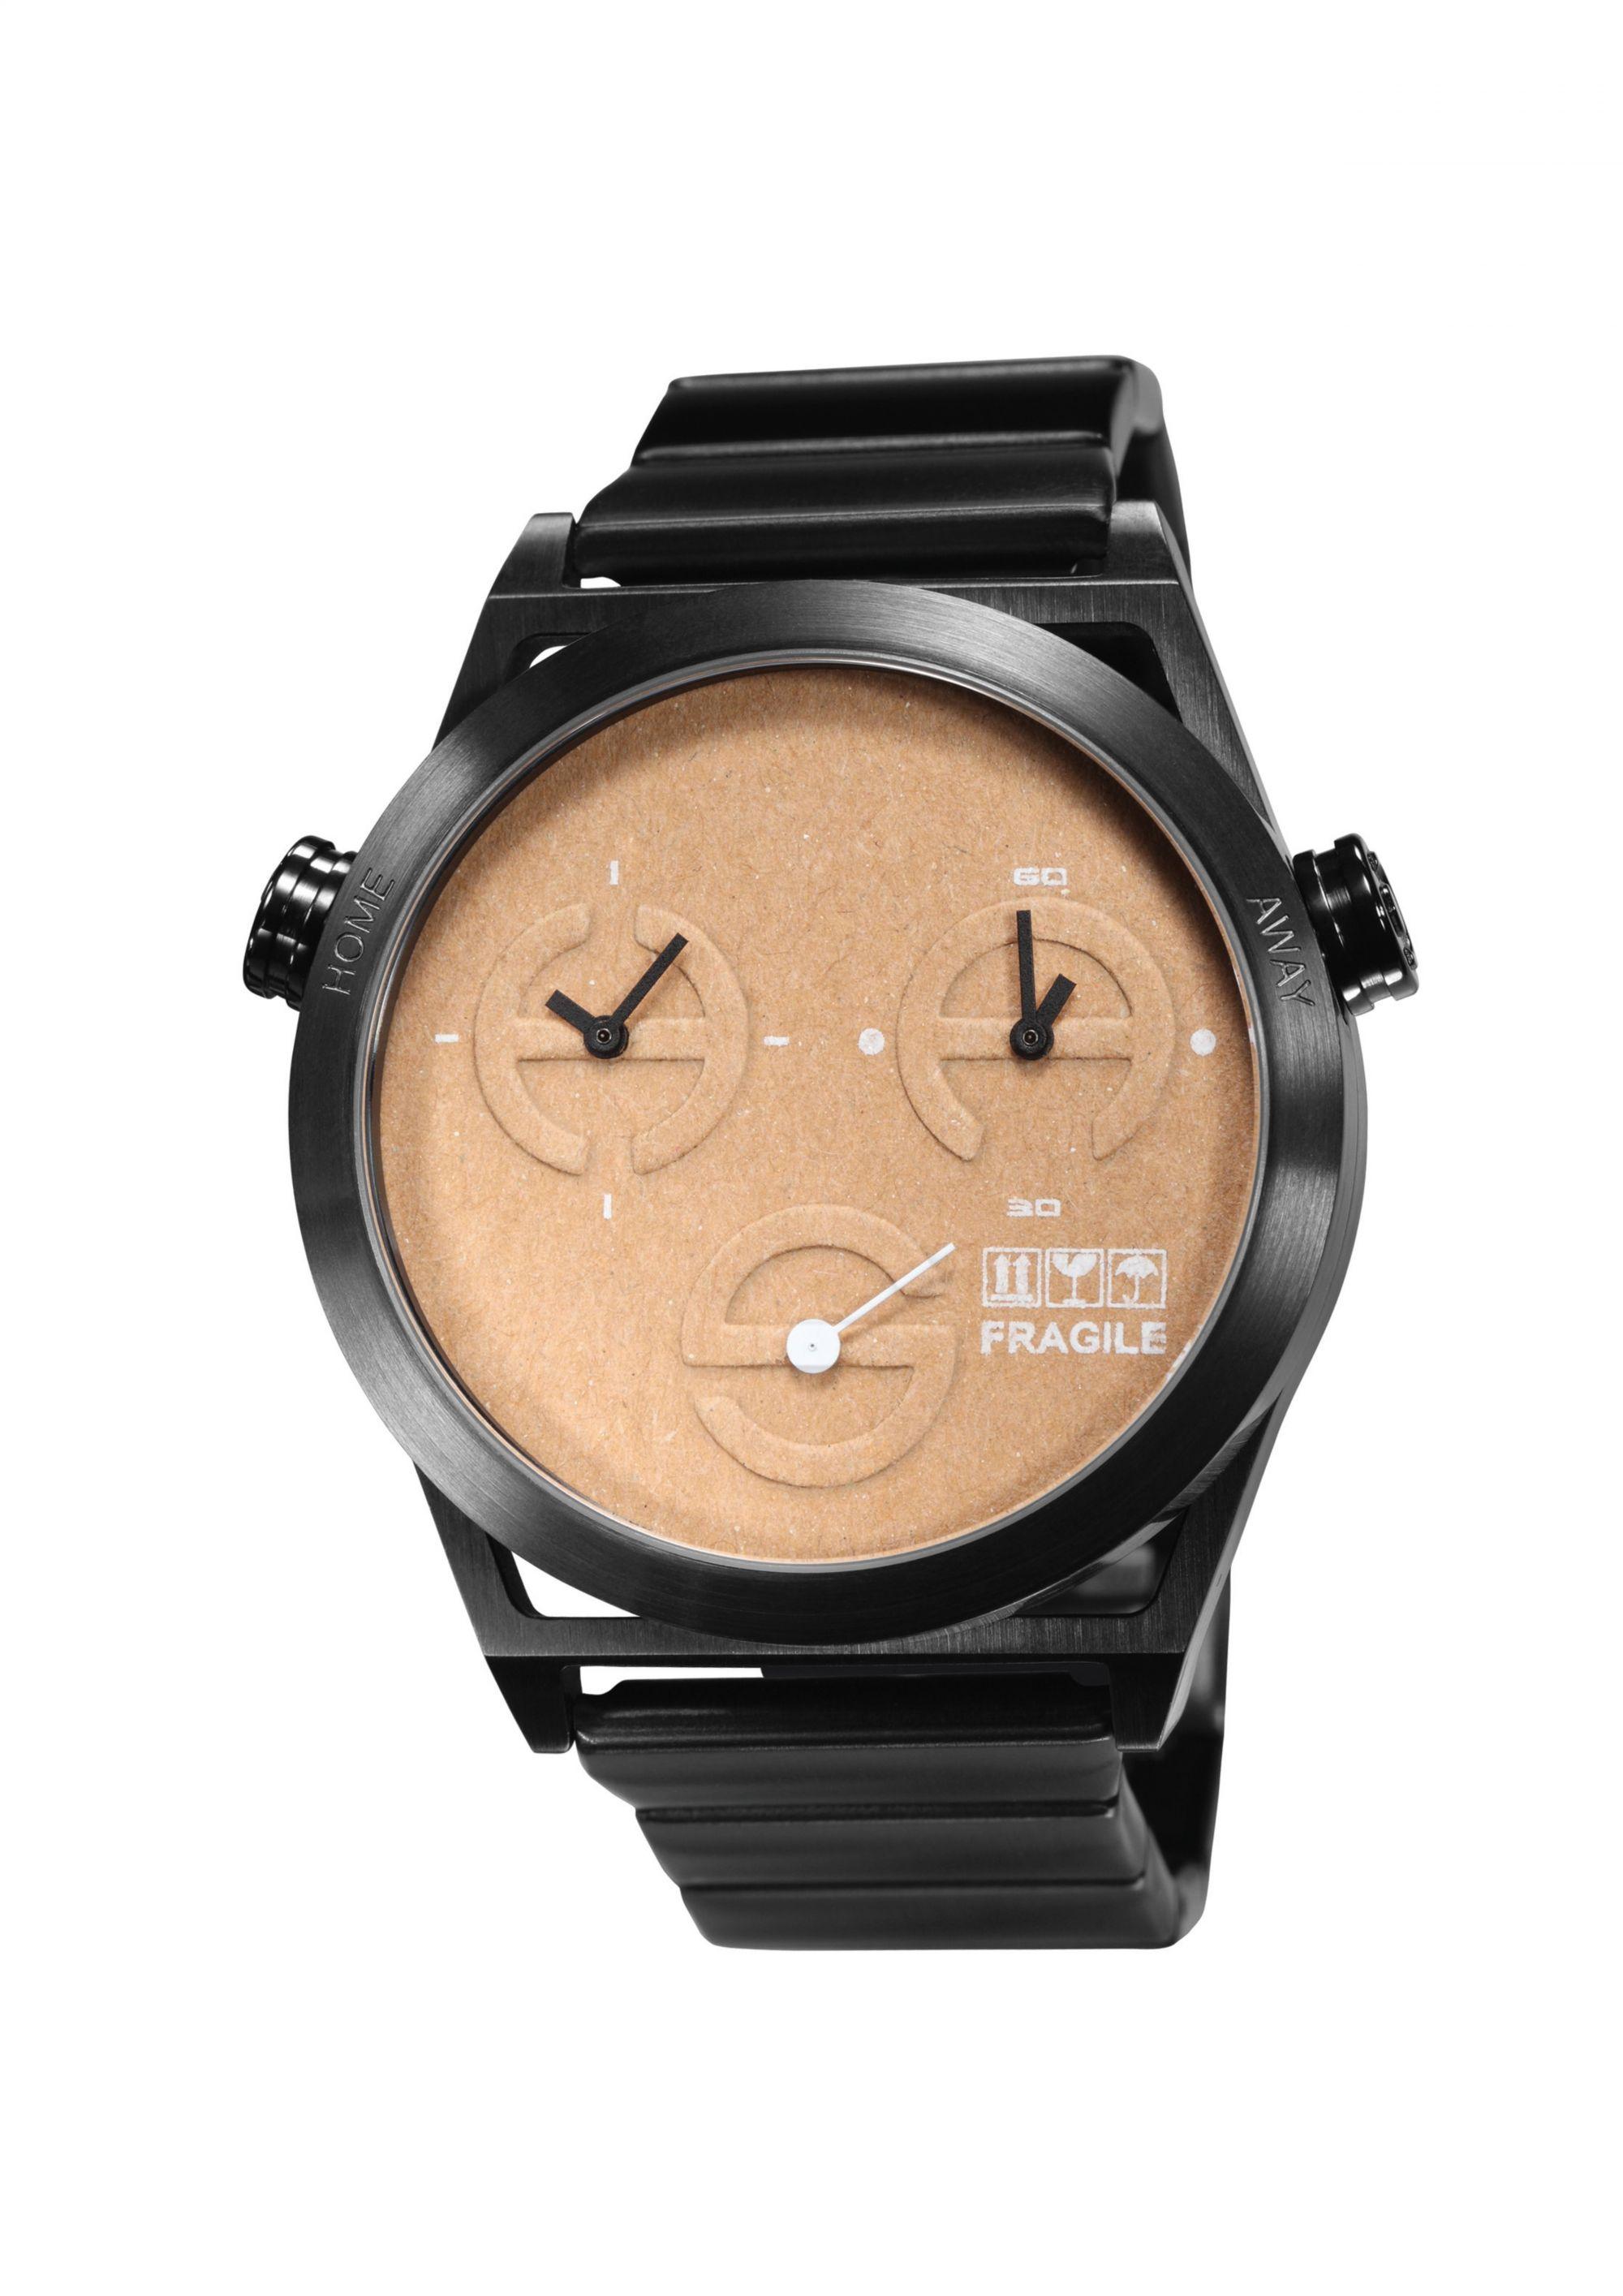 Часы наручные TACS World Kraft-M BrownВ часах World Kraft имеется индикатор второго часового пояса. Это часы с простым внешним видом, пустой облегченной конструкцией корпуса для удобства ношения. Коронки установлены под наклоном с обеих сторон циферблата, придавая часам более рельефный вид. Циферблат сделан под крафт-бумагу, тисненые надписи Home, Away и Second и специальные декоративные элементы, акцентирующие текстуру бумаги.    Часы TACS. Производитель и дизайн: Creative choice Limited (Гонконг). Механизм: кварцевый MIYOTA (Япония). Размер циферблата: 4,6/3,8/1,3 см. Стекло: минеральное. Размер ремешка: 21/2,1 см. Материал ремешка: нержавеющая сталь. Водонепроницаемость: 5АТМ.Избегать контакта с горячей водой и паром. Гарантия: 1 год.<br><br>Цвет: коричневый<br>Механизм: кварцевый<br>Материал корпуса: нержавеющая сталь<br>Ремешок: нержавеющая сталь<br>Форма корпуса: Круг<br>Пол: унисекс